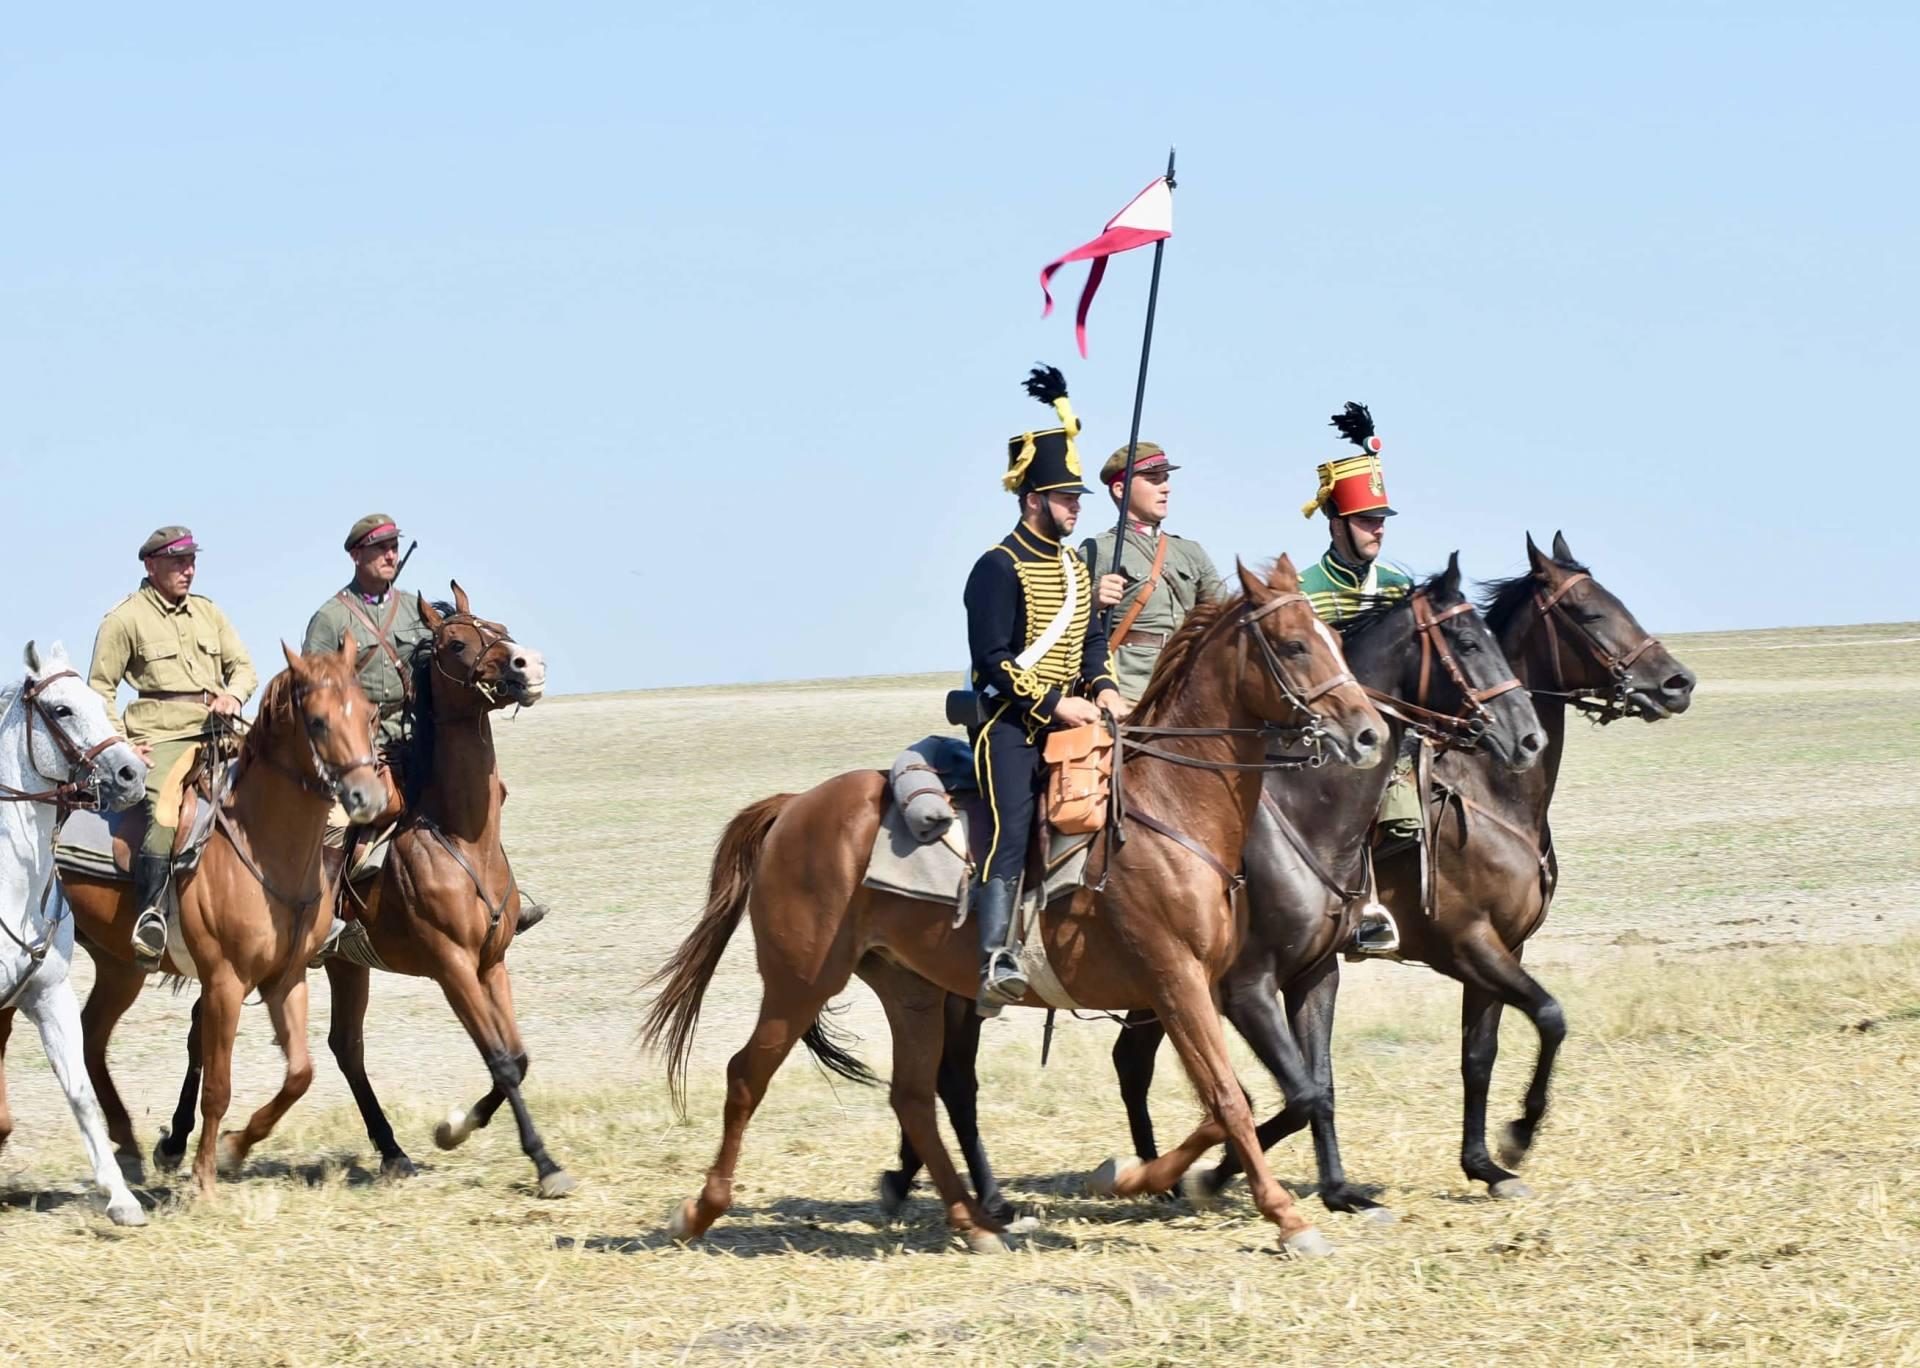 dsc 0610 Czas szabli - 100 rocznica bitwy pod Komarowem(zdjęcia)